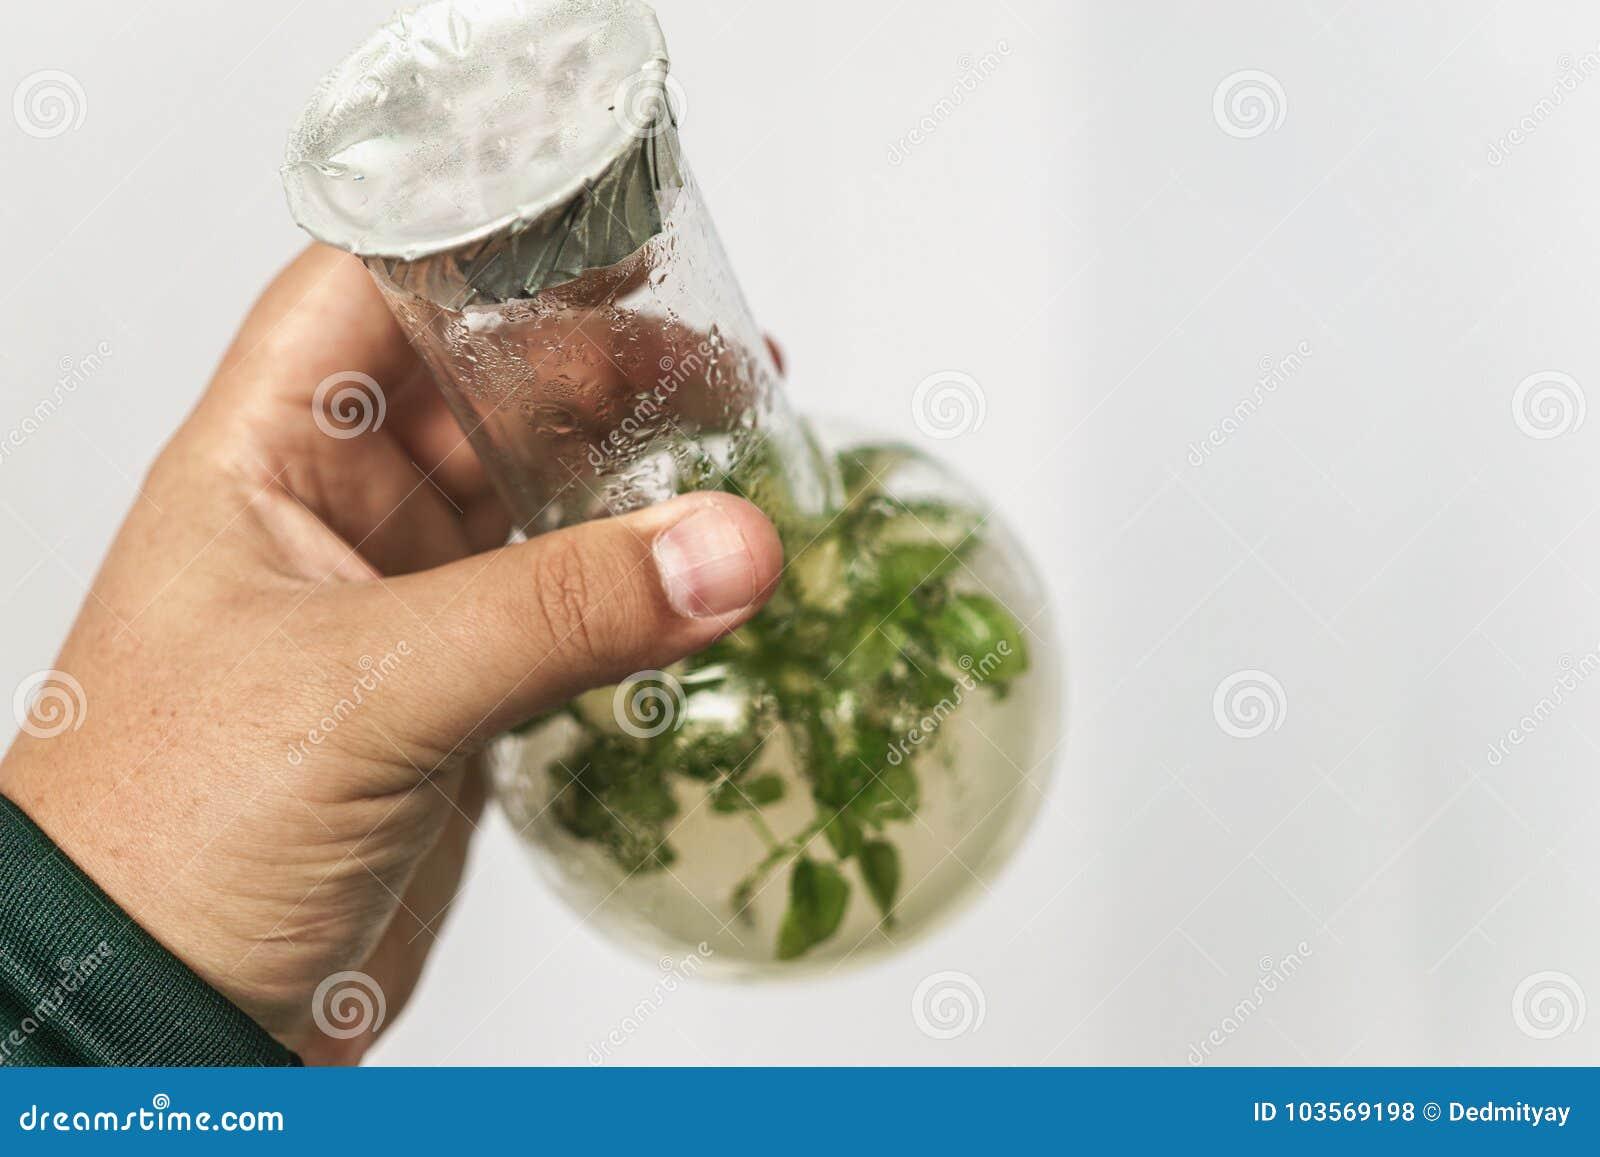 Badacz ręka trzyma mikro rośliny w tescie z tubką Micropropagation technologia w Vitro